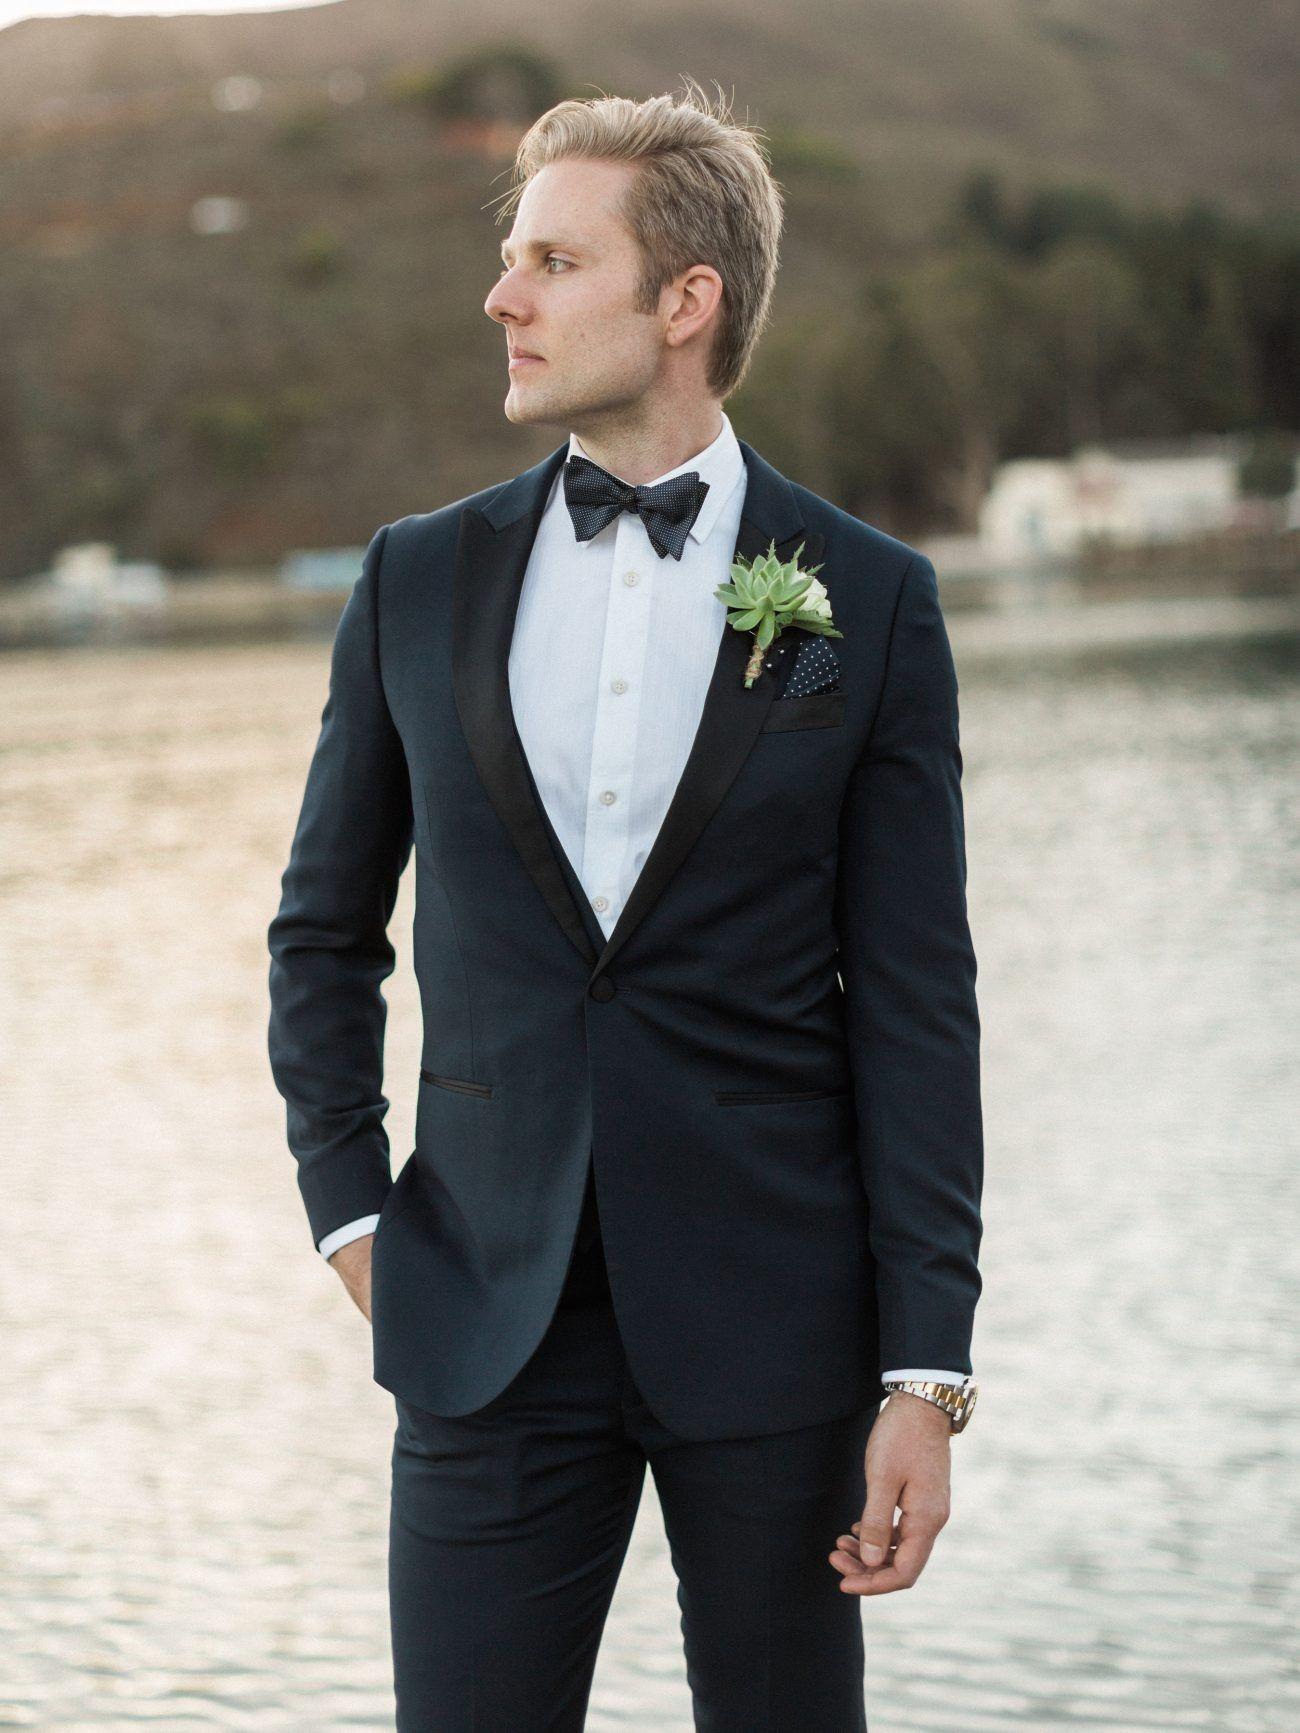 Marié portant un costume et posant devant un lac